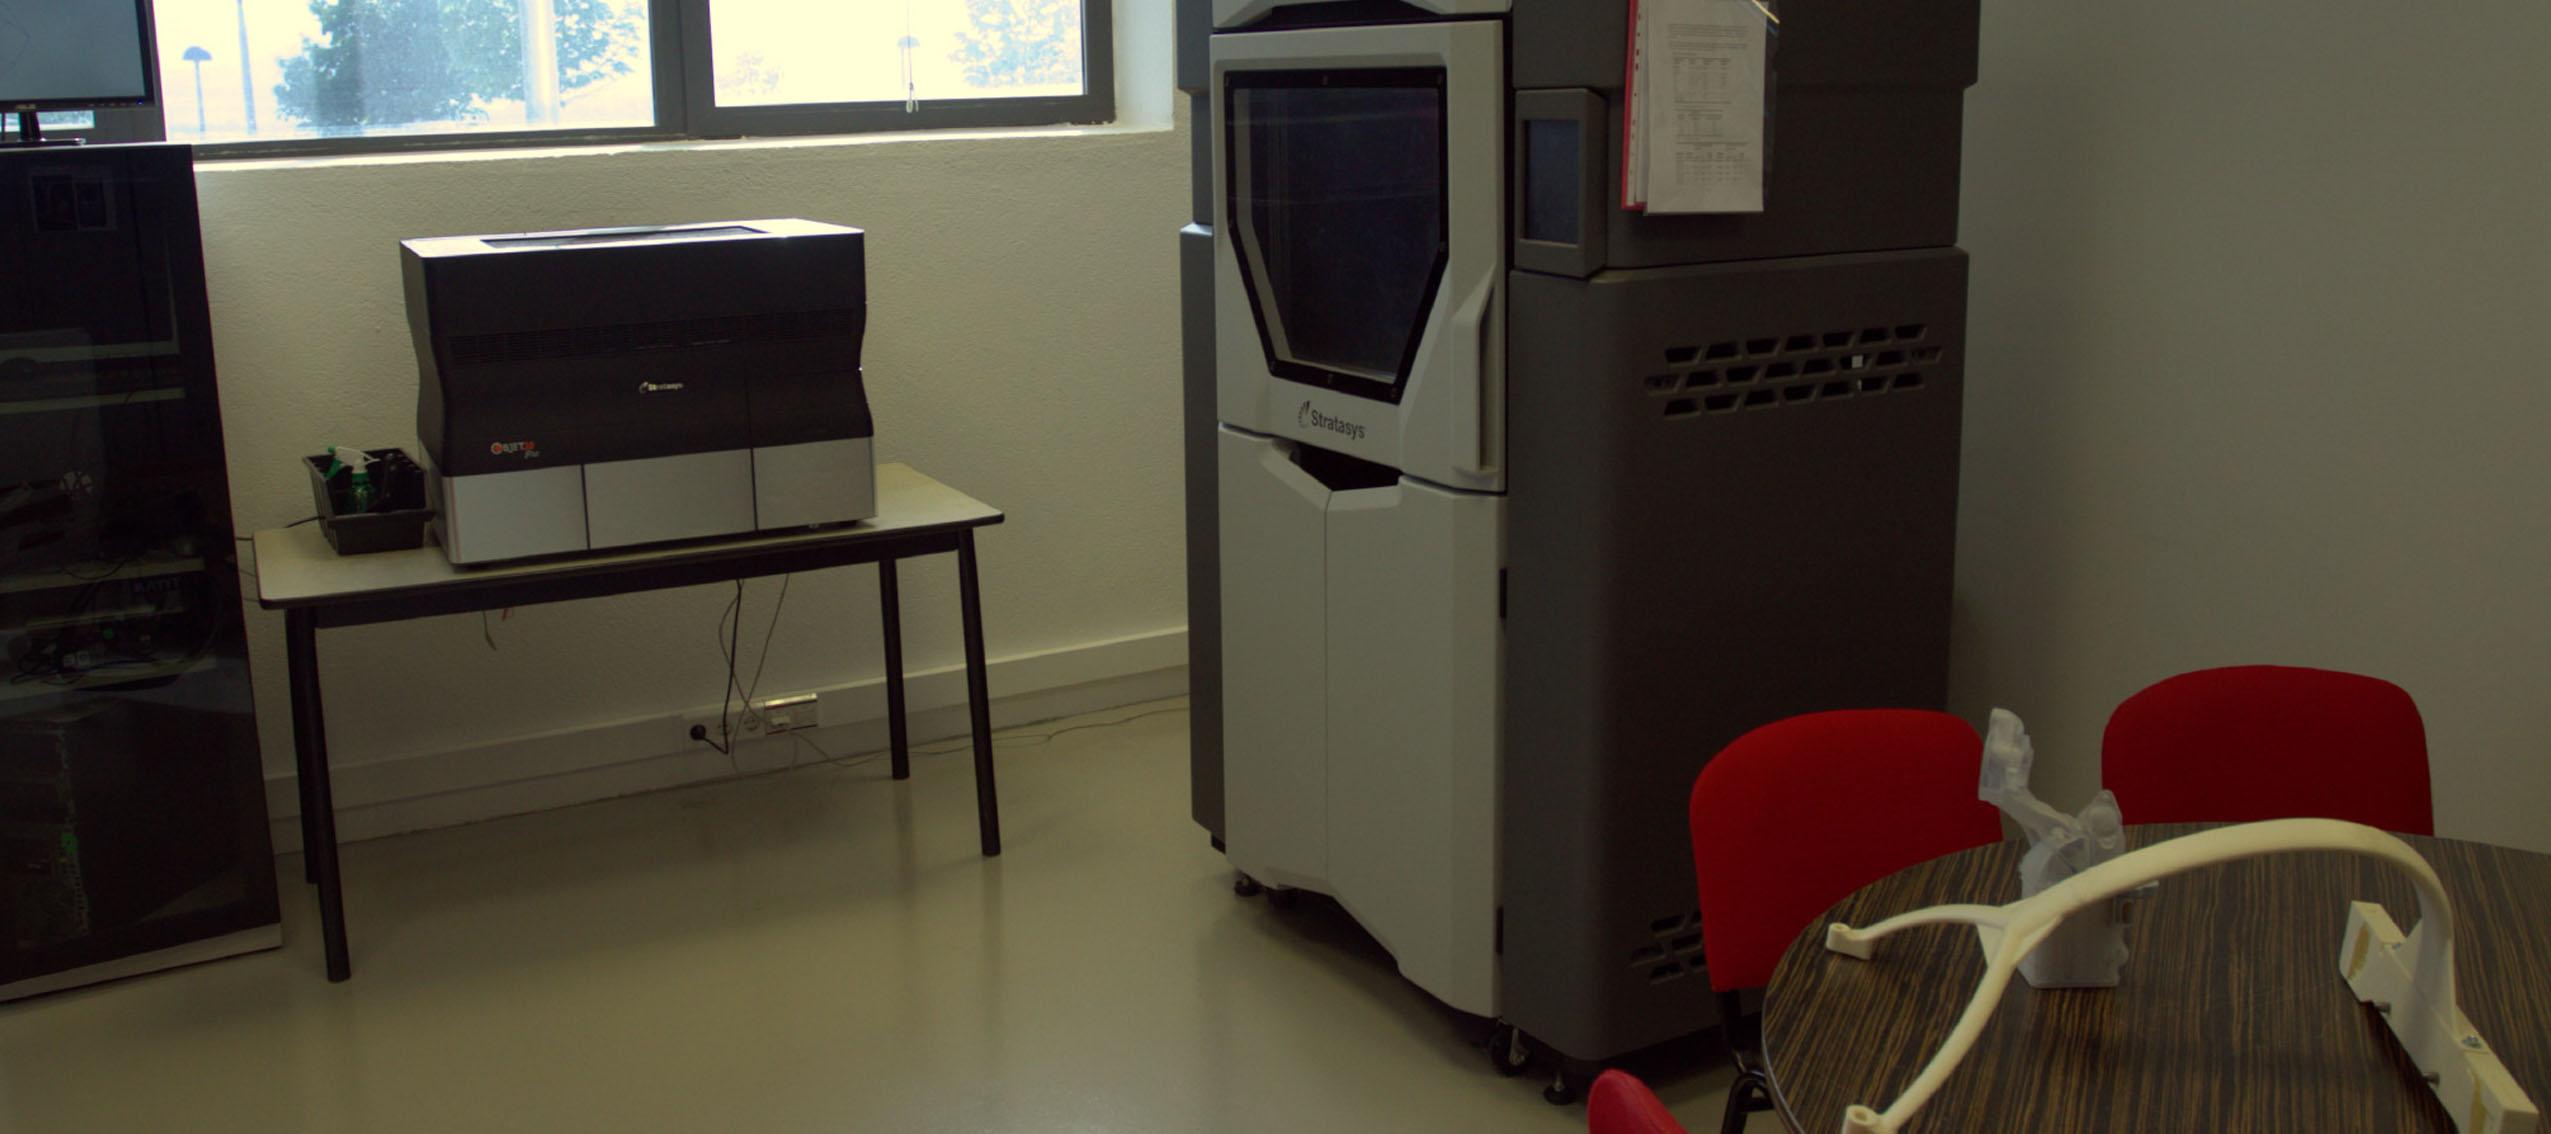 OPTIMUS 3D aborda un plan expansivo para ampliar su gama de servicios de fabricacion aditiva